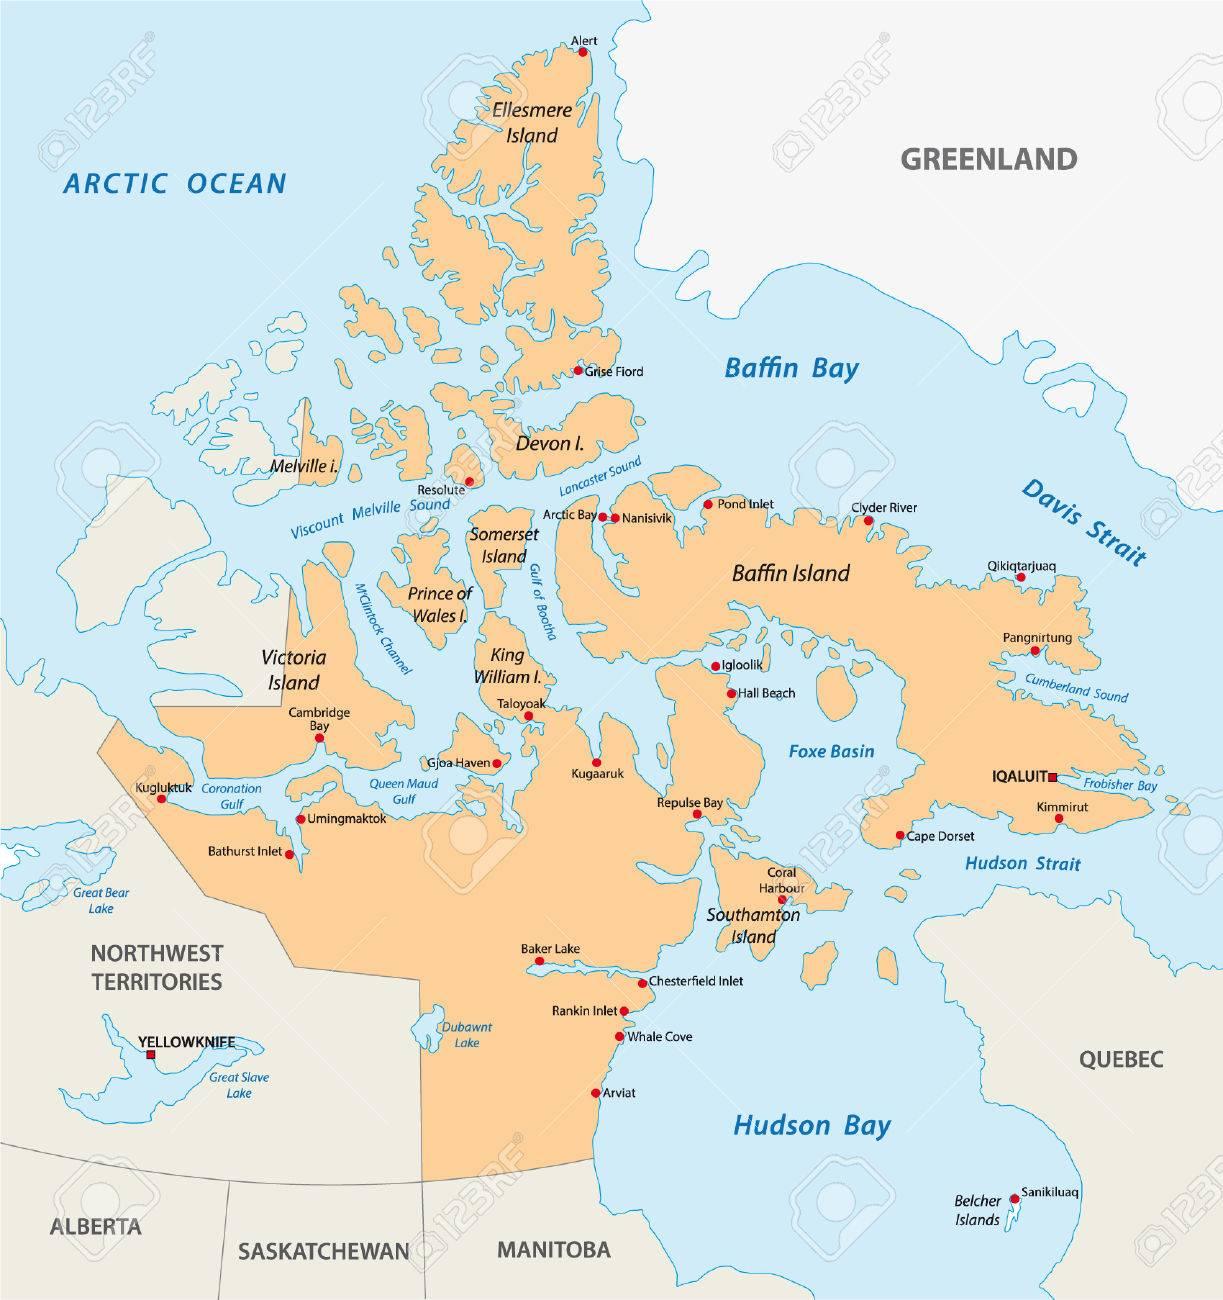 ヌナブト準州地図のイラスト素材・ベクタ - Image 32312487.